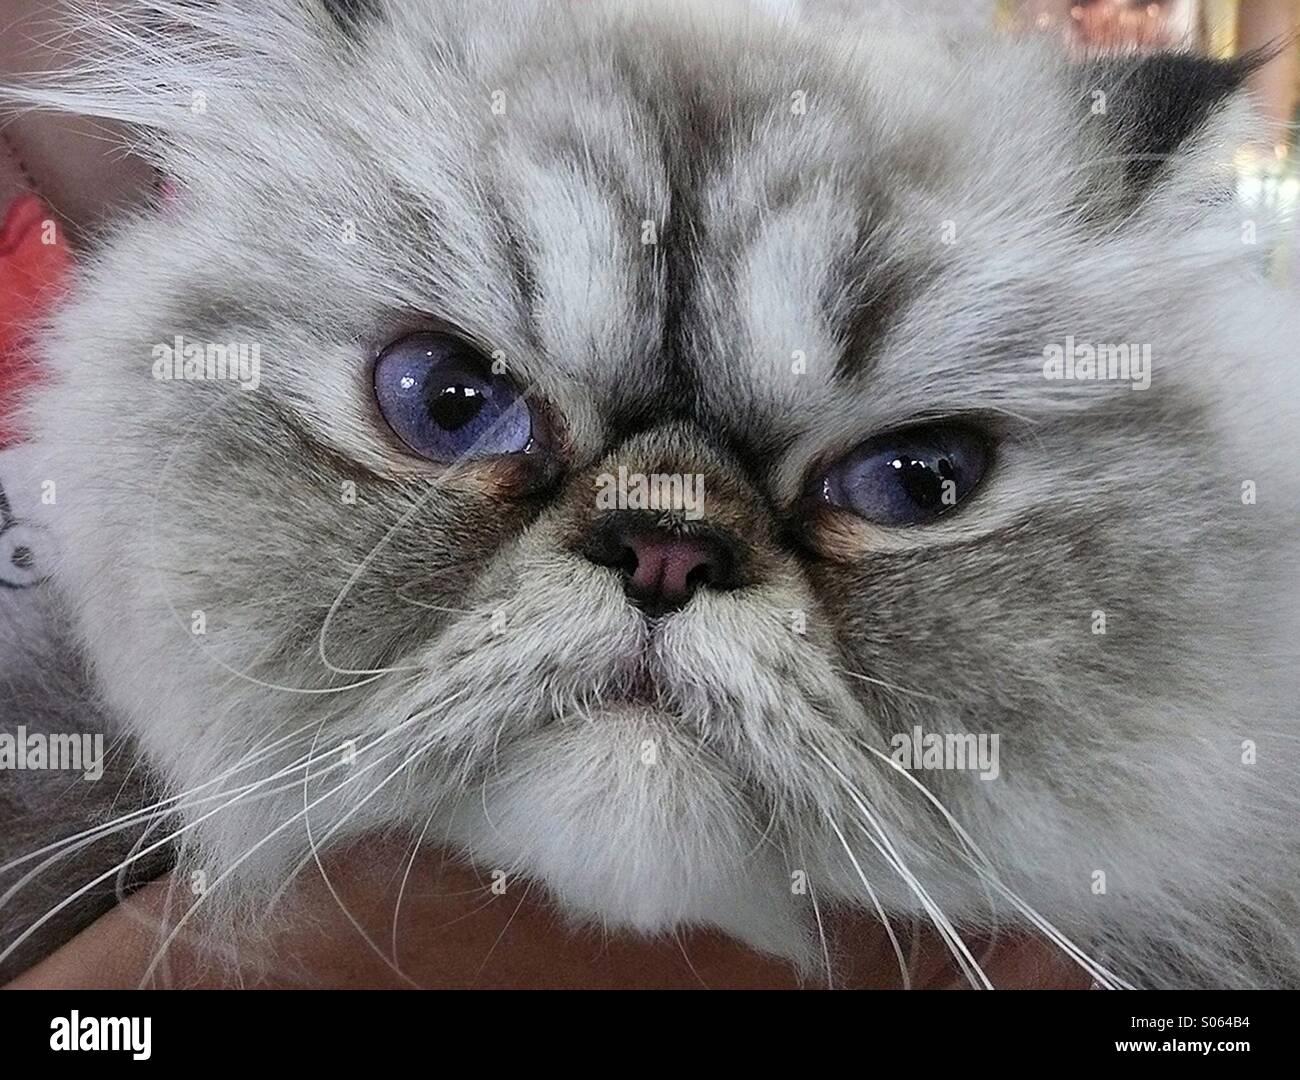 Cat face close-up Photo Stock